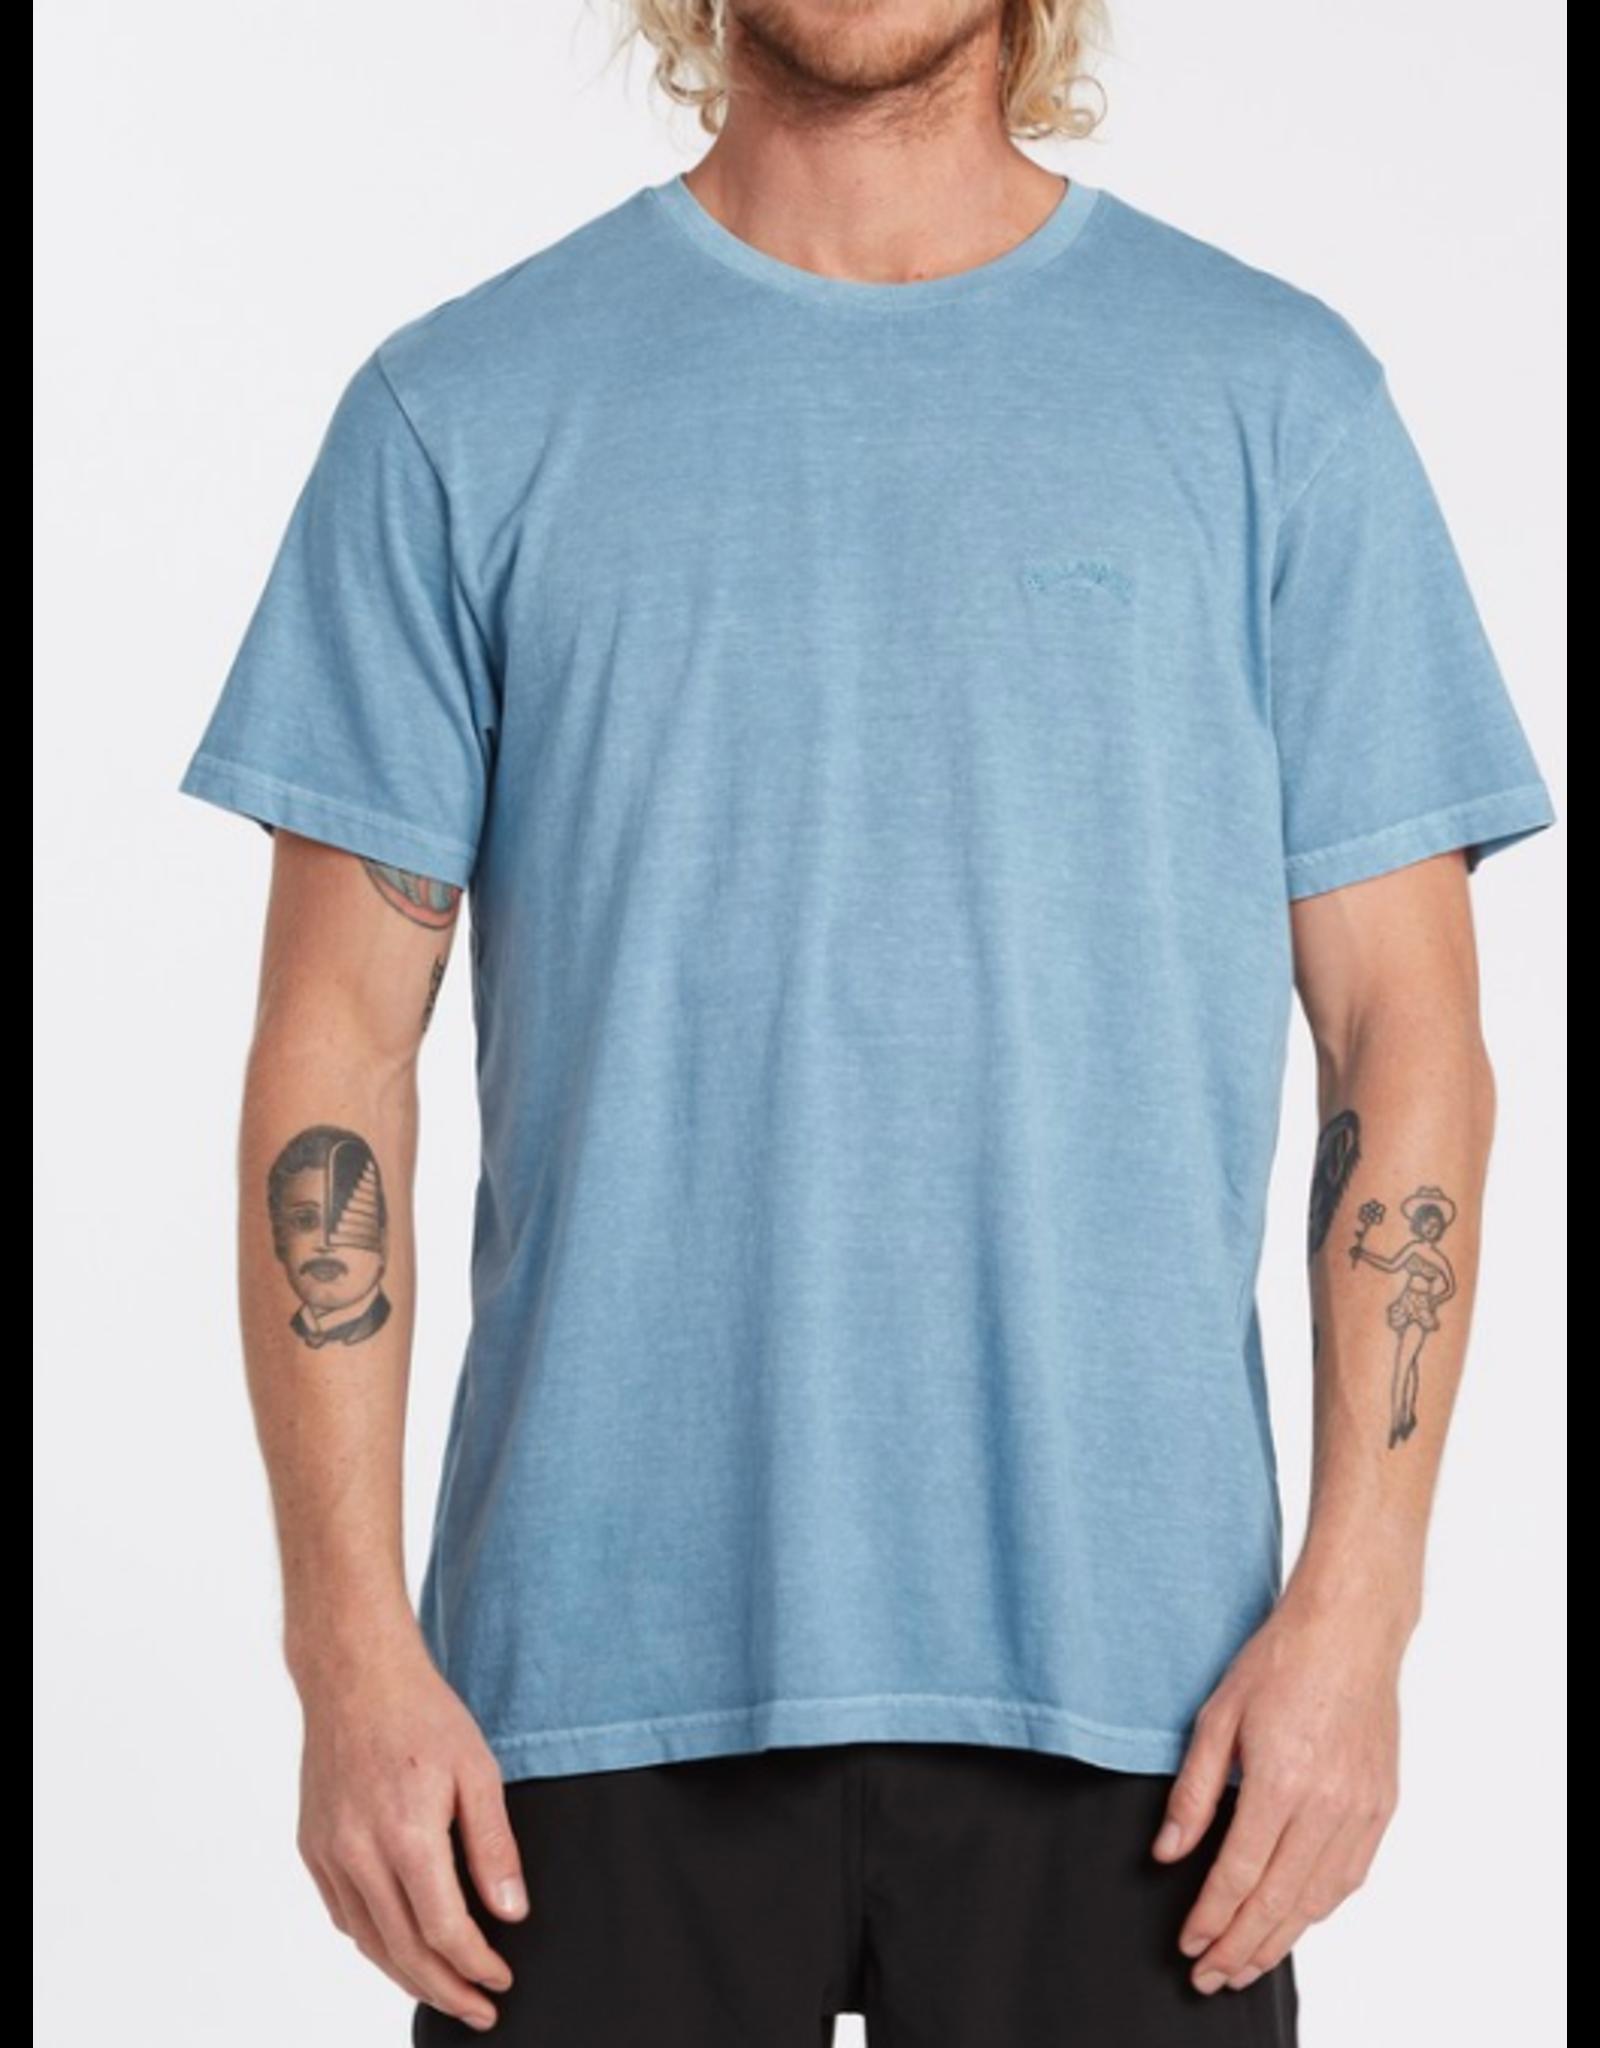 BILLABONG Billabong Essentials T-Shirt - Men's